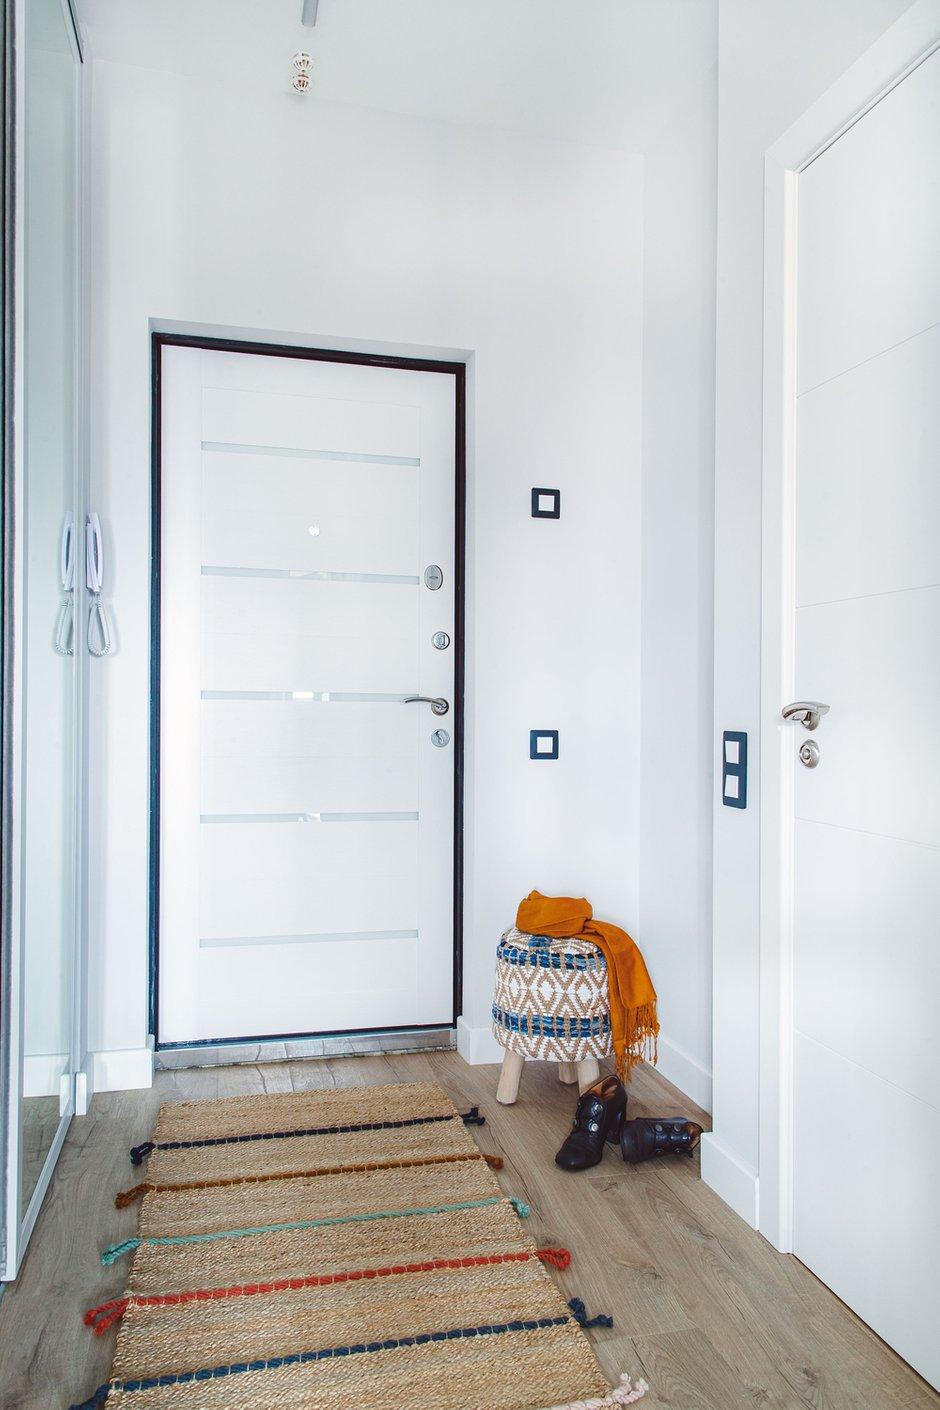 Фотография: Прихожая в стиле Современный, Малогабаритная квартира, Квартира, Проект недели, Химки, 1 комната, 2 комнаты, до 40 метров, Татьяна Масленникова – фото на INMYROOM